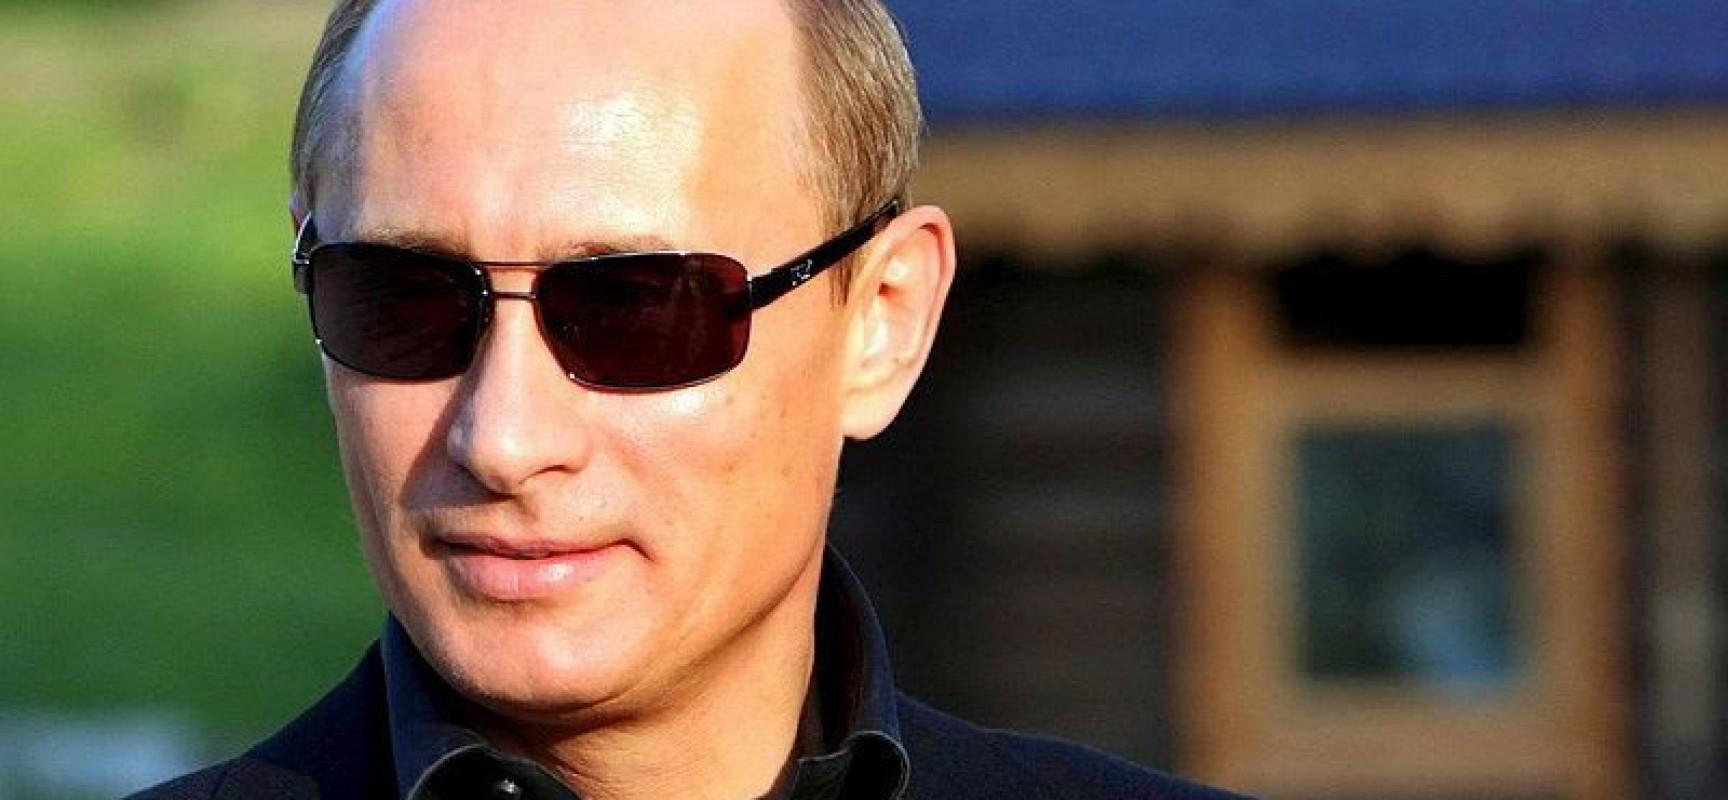 Pendant qu'on le cherchait partout, Poutine était en train de mener une révolution tranquille